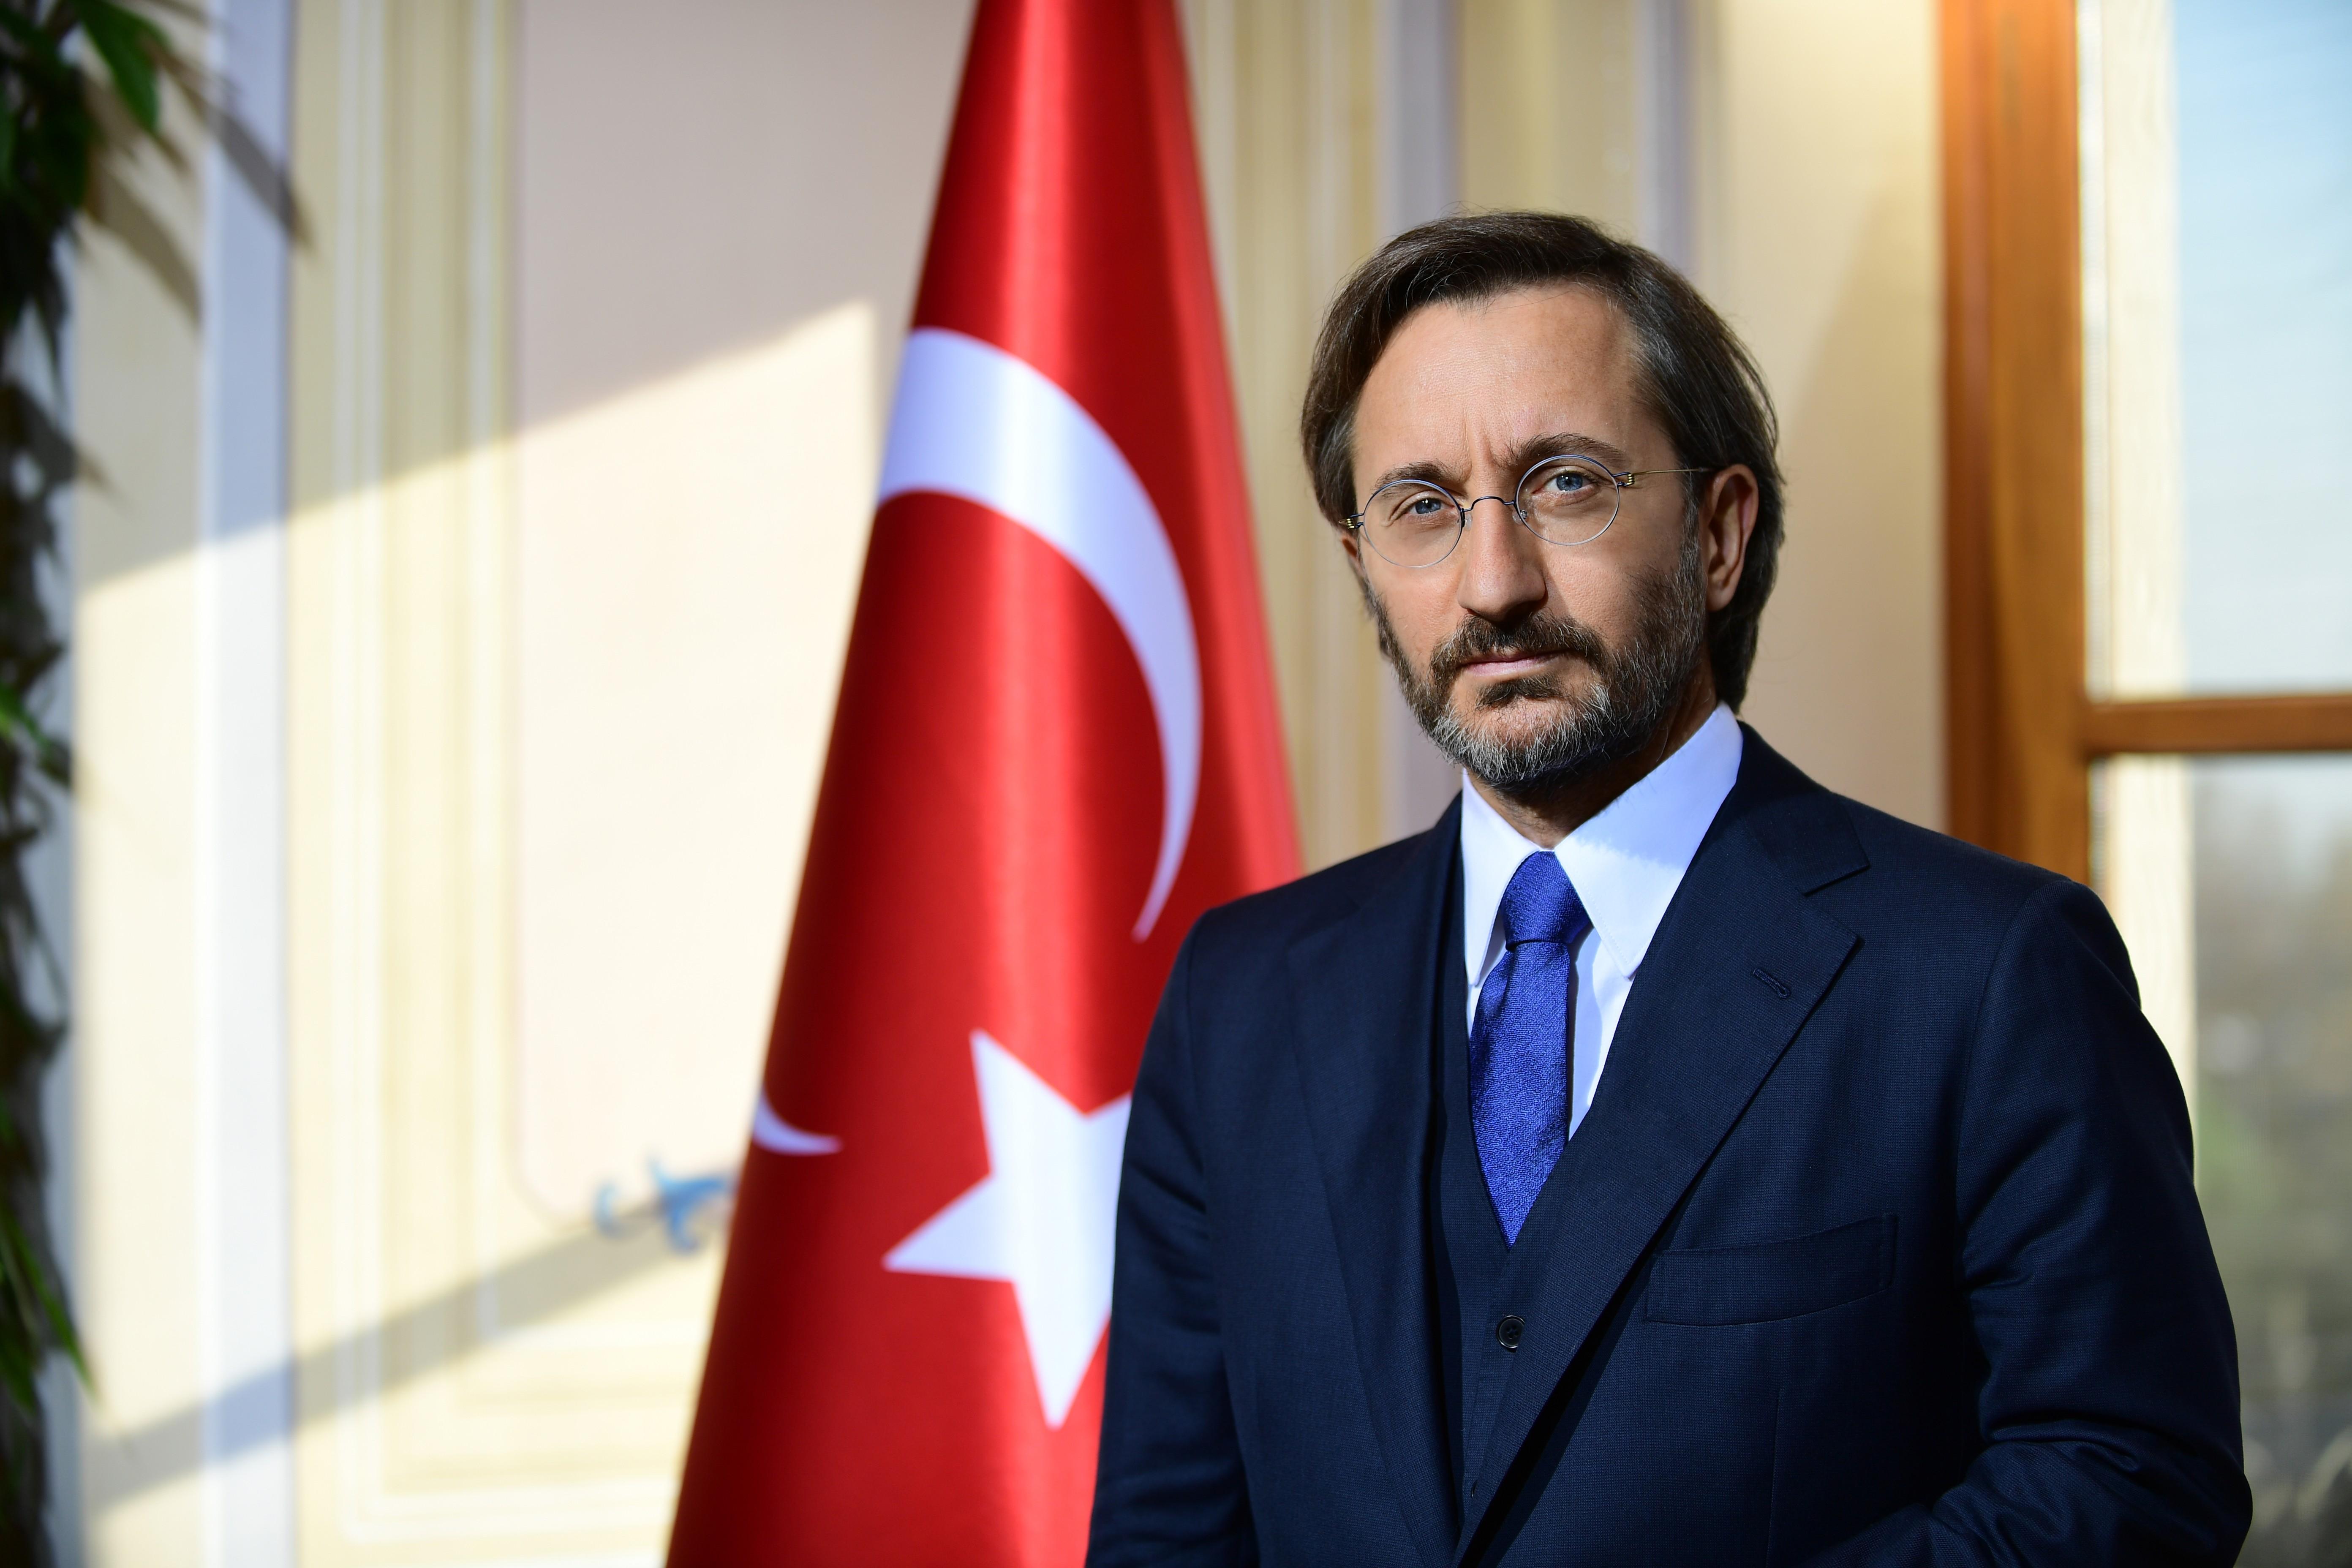 Η Ελλάδα φιλοξενεί τρομοκρατικές οργανώσεις, ειδικά το PKK.